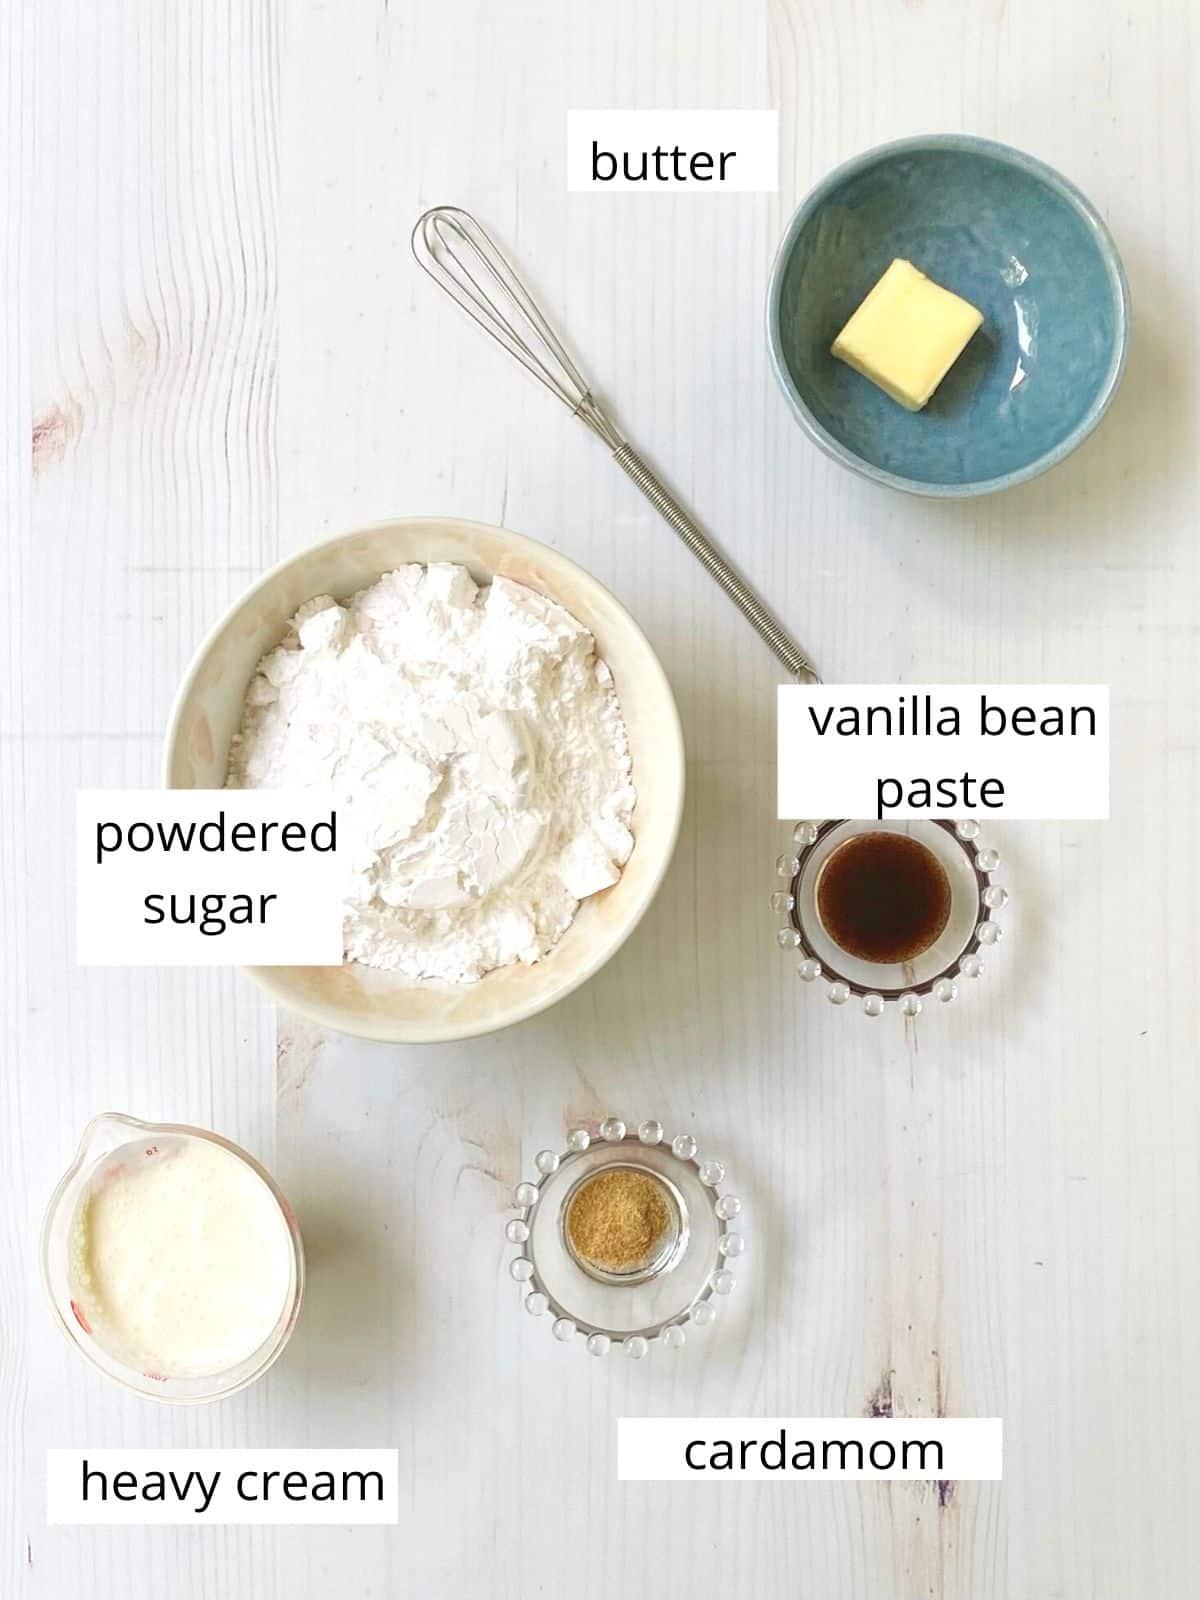 icing ingredients - powdered sugar, butter, cream, vanilla bean paste, cardamom